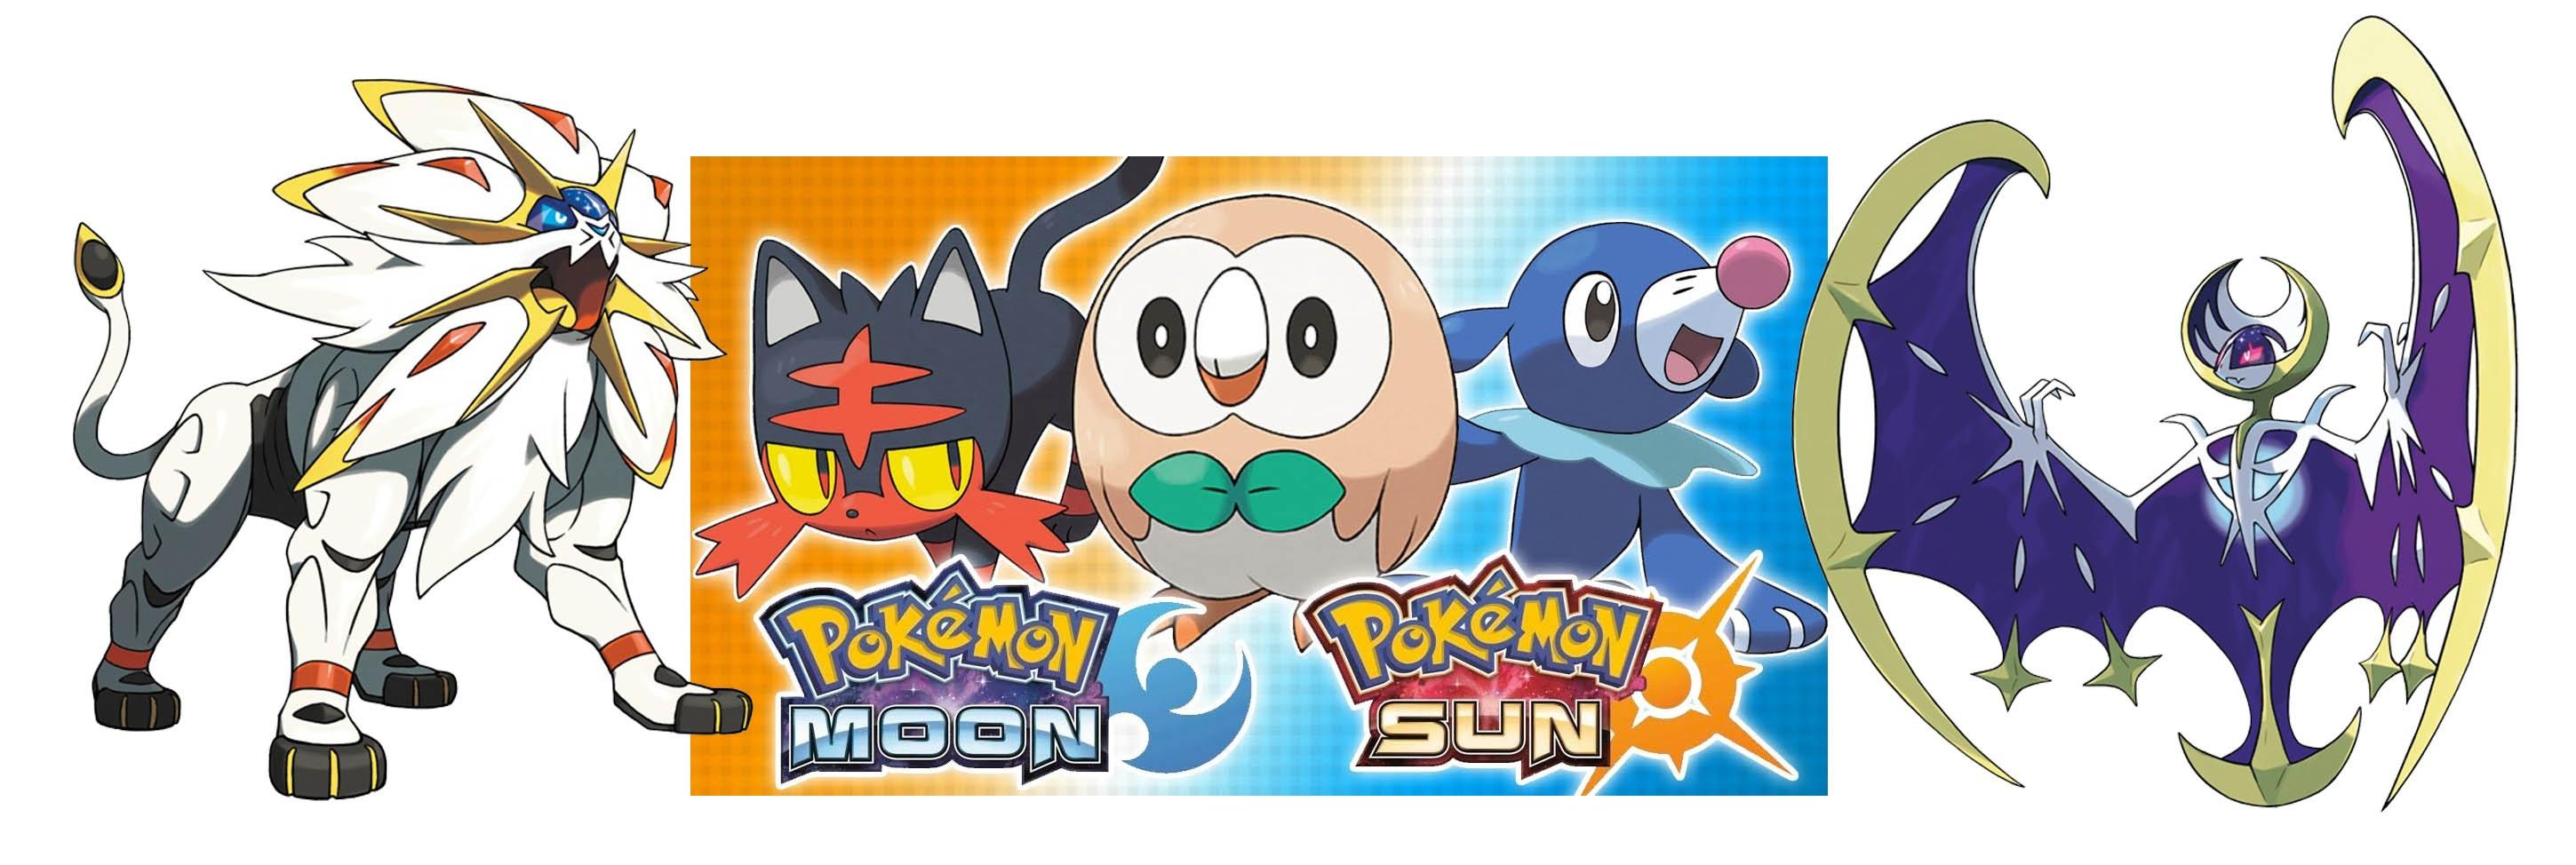 Rowlet; Litten; Popplio; Pokémon Moon and Sun